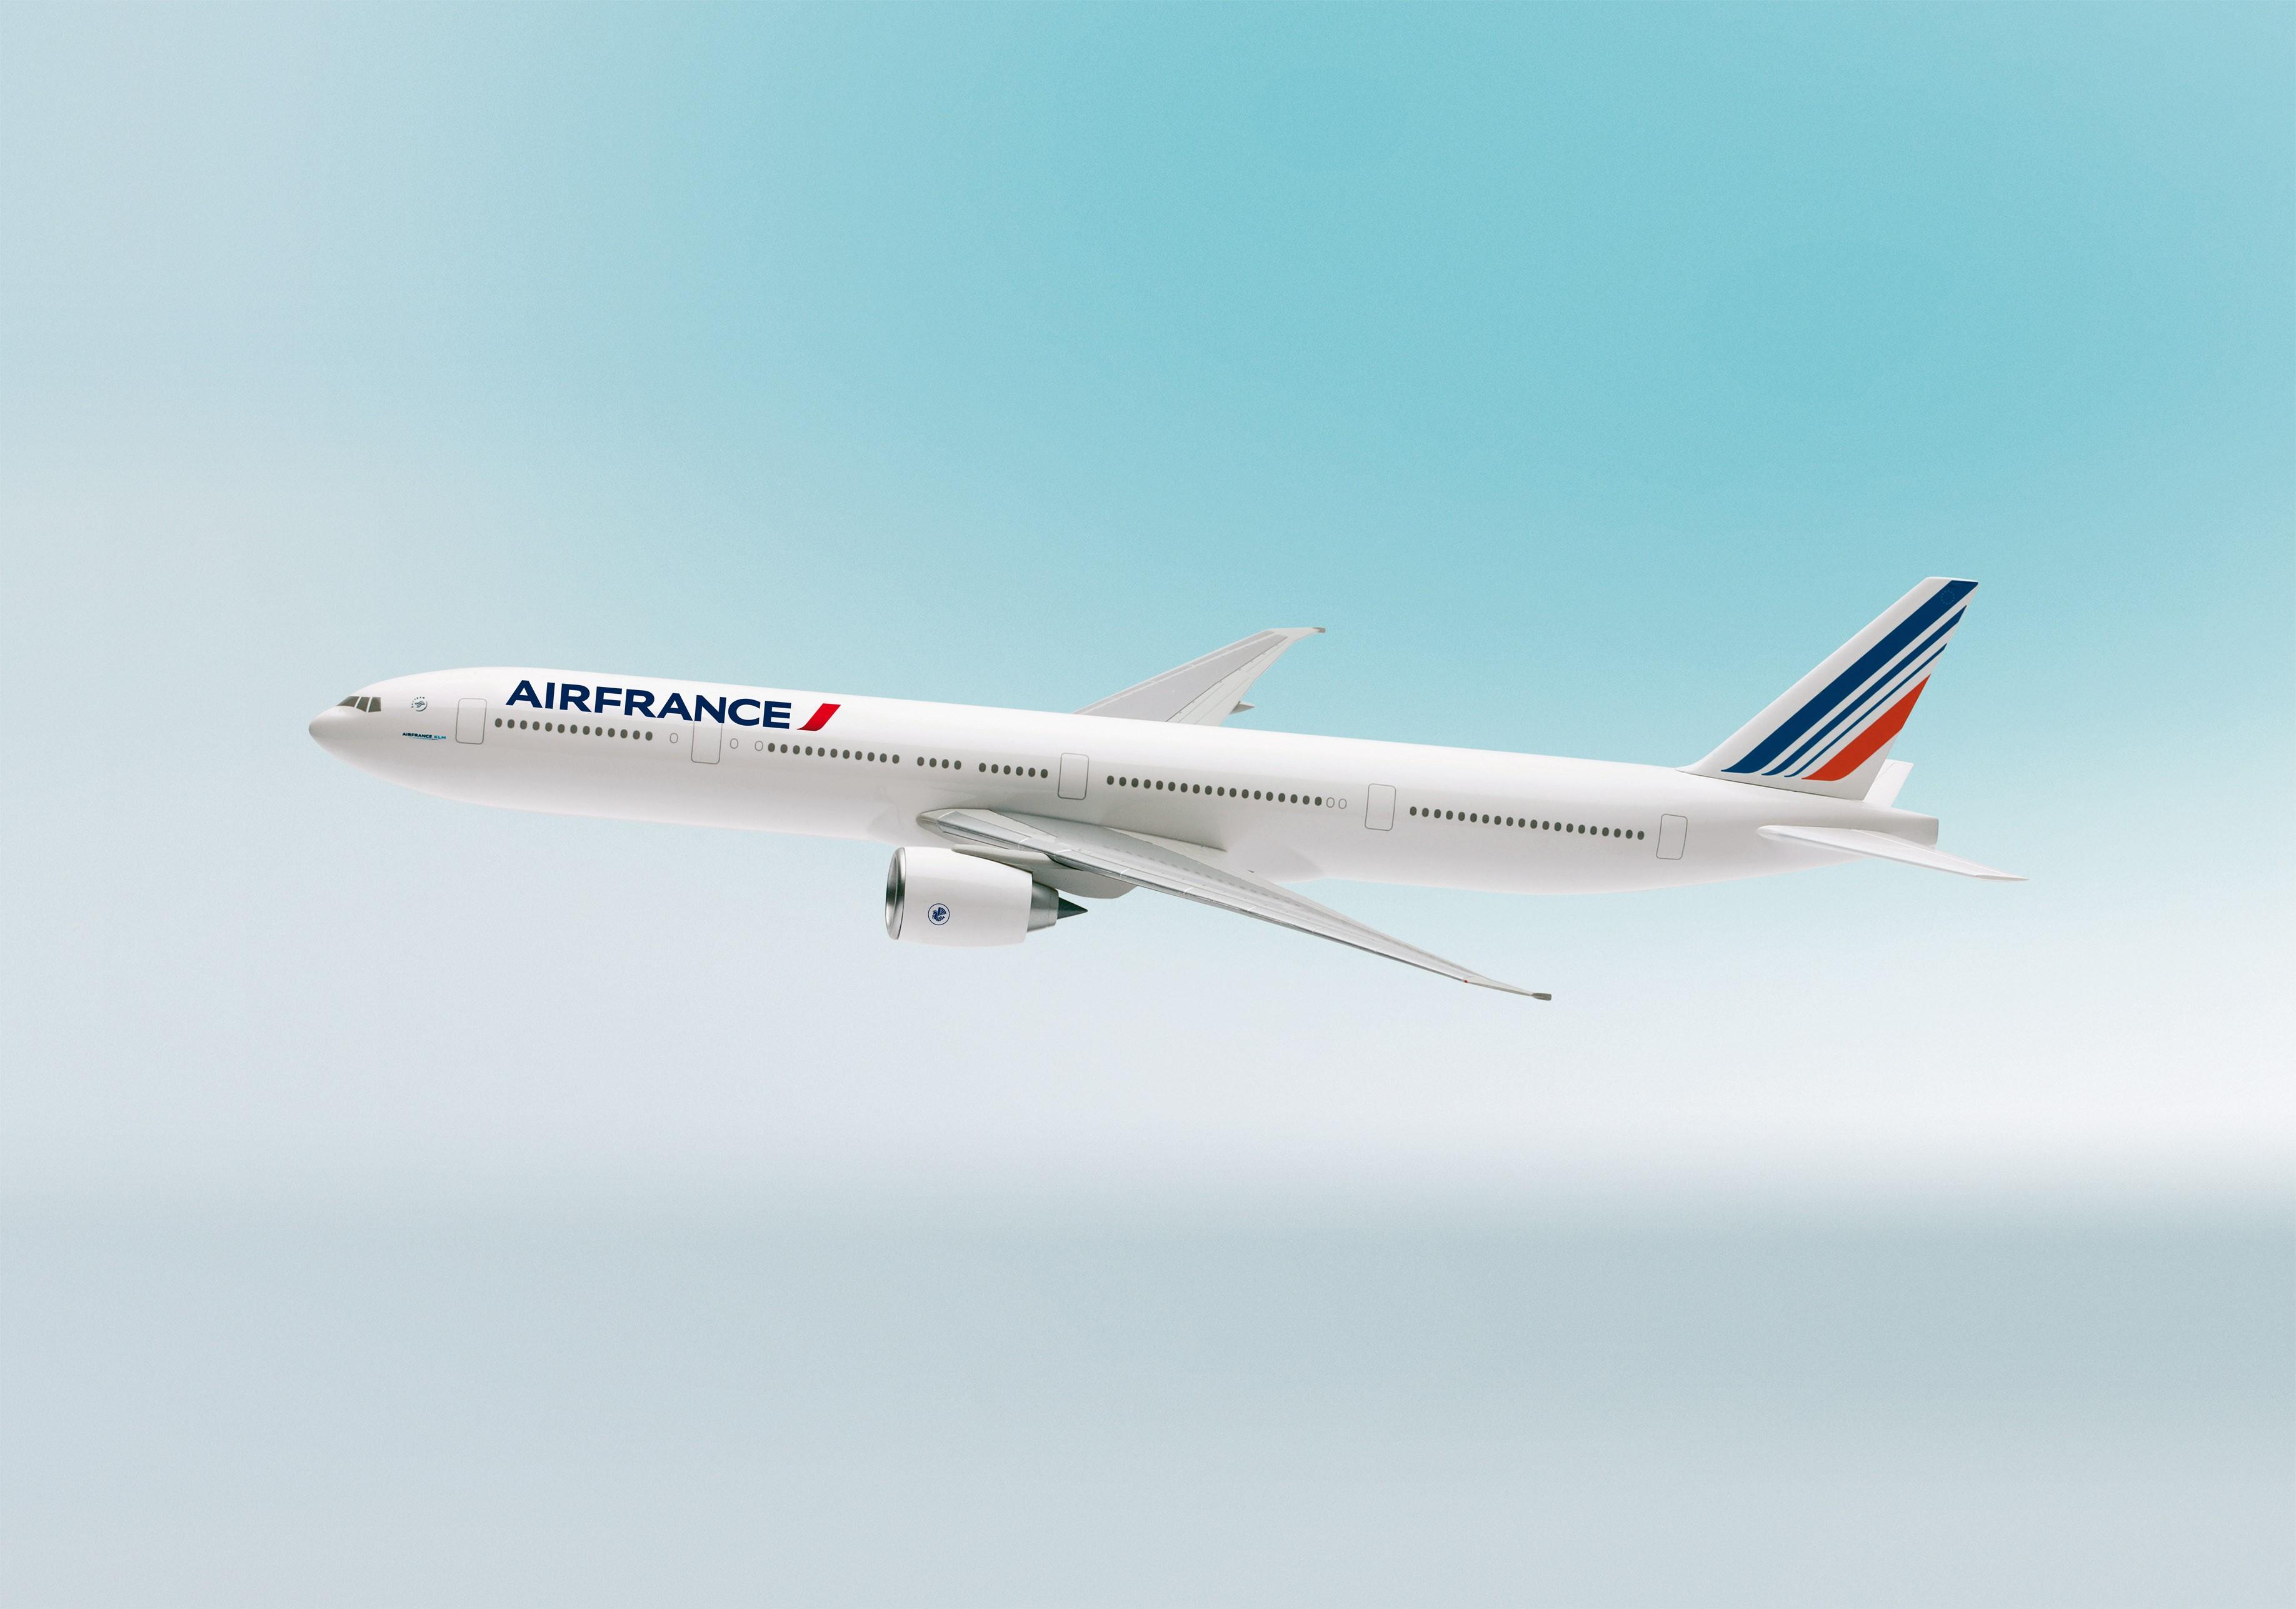 エールフランス航空、今冬は東京/パリ線を強化、羽田昼間便を増便